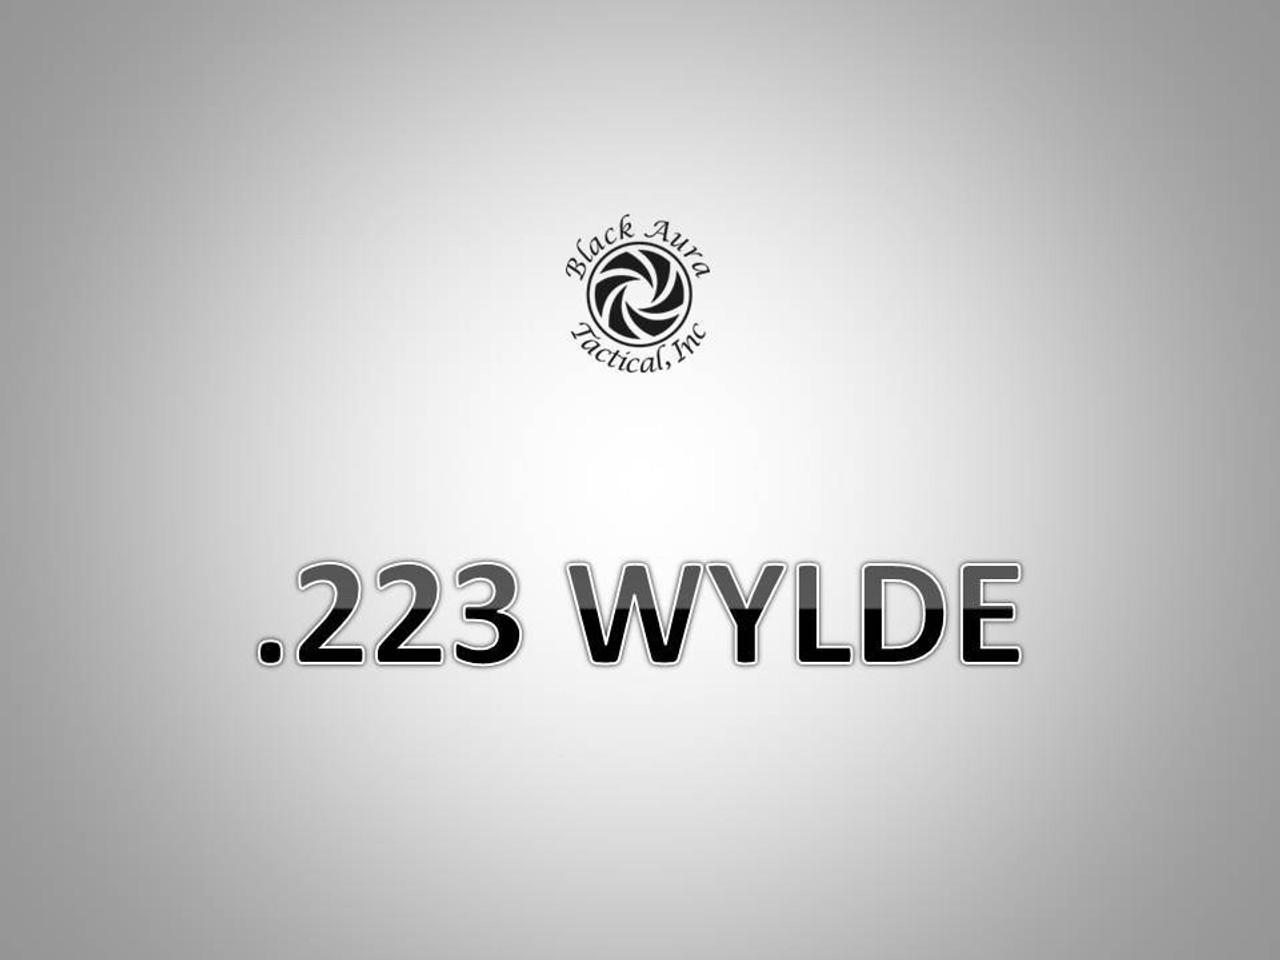 .223 Wylde